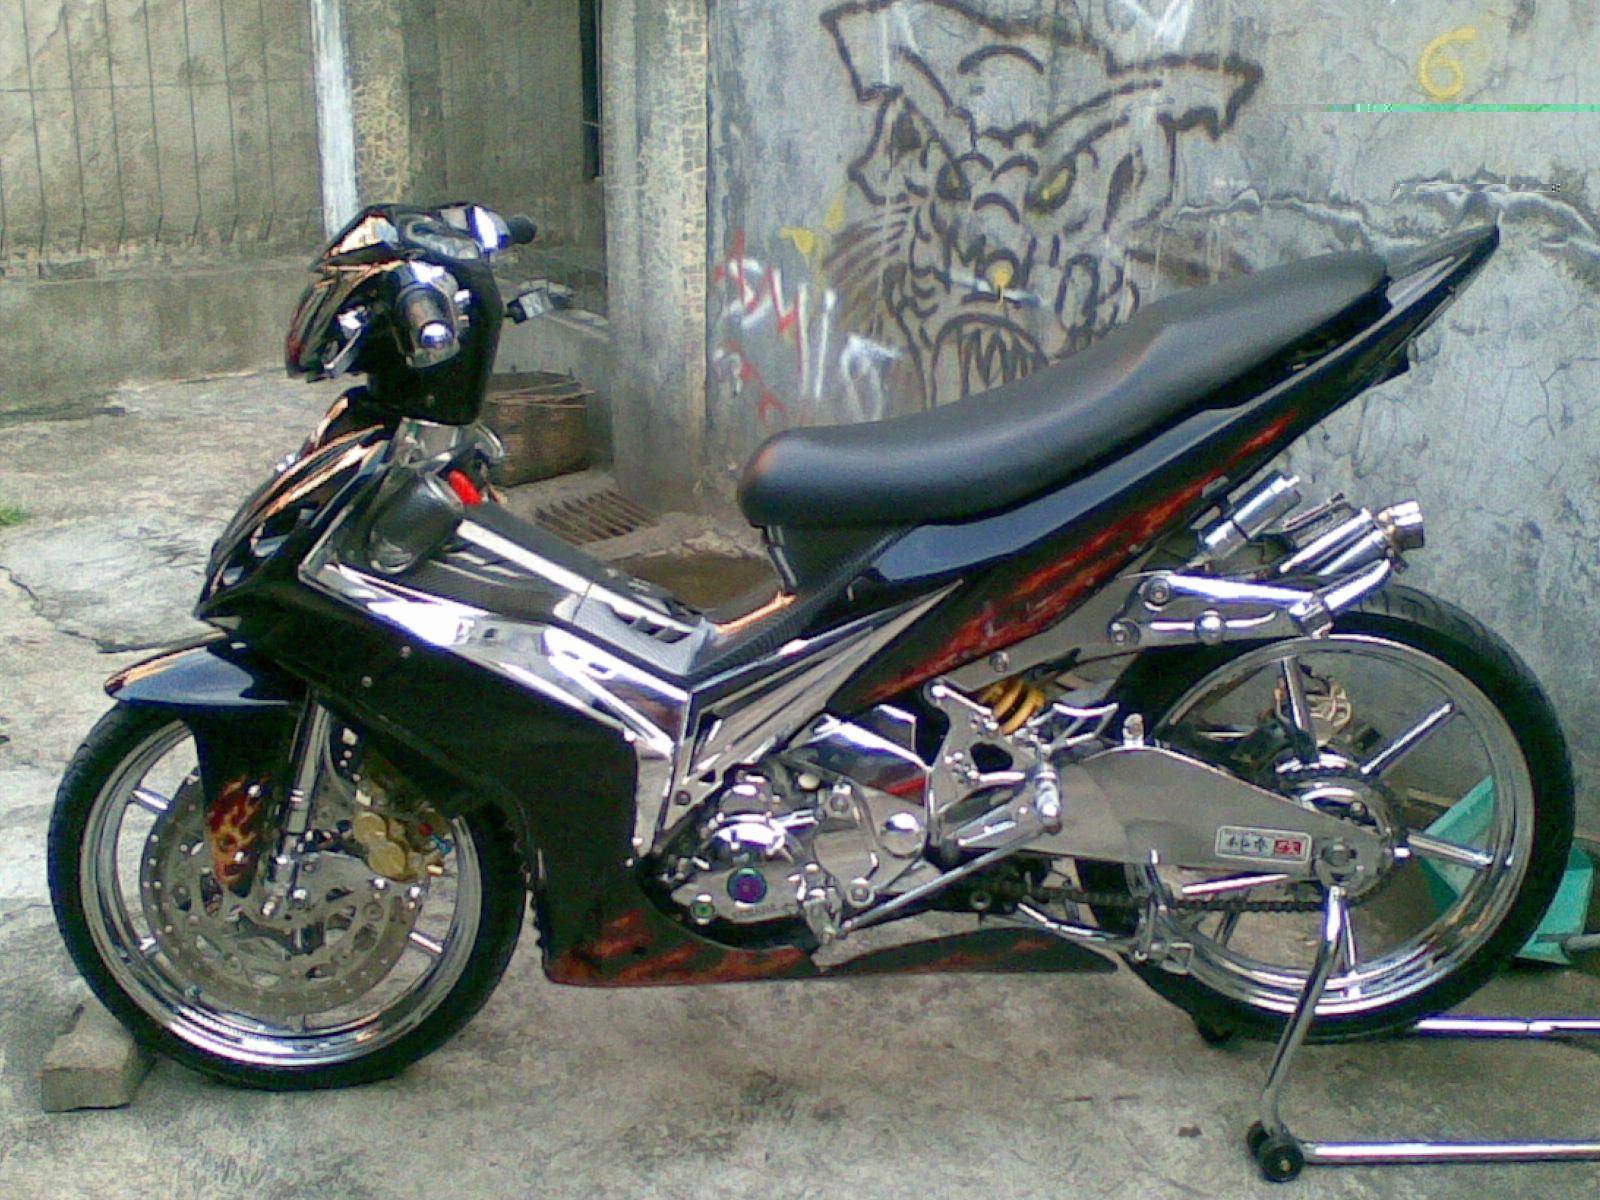 Modif Tiger Scorpio Vixion Bison Gl Pro Accessories Motor Mega